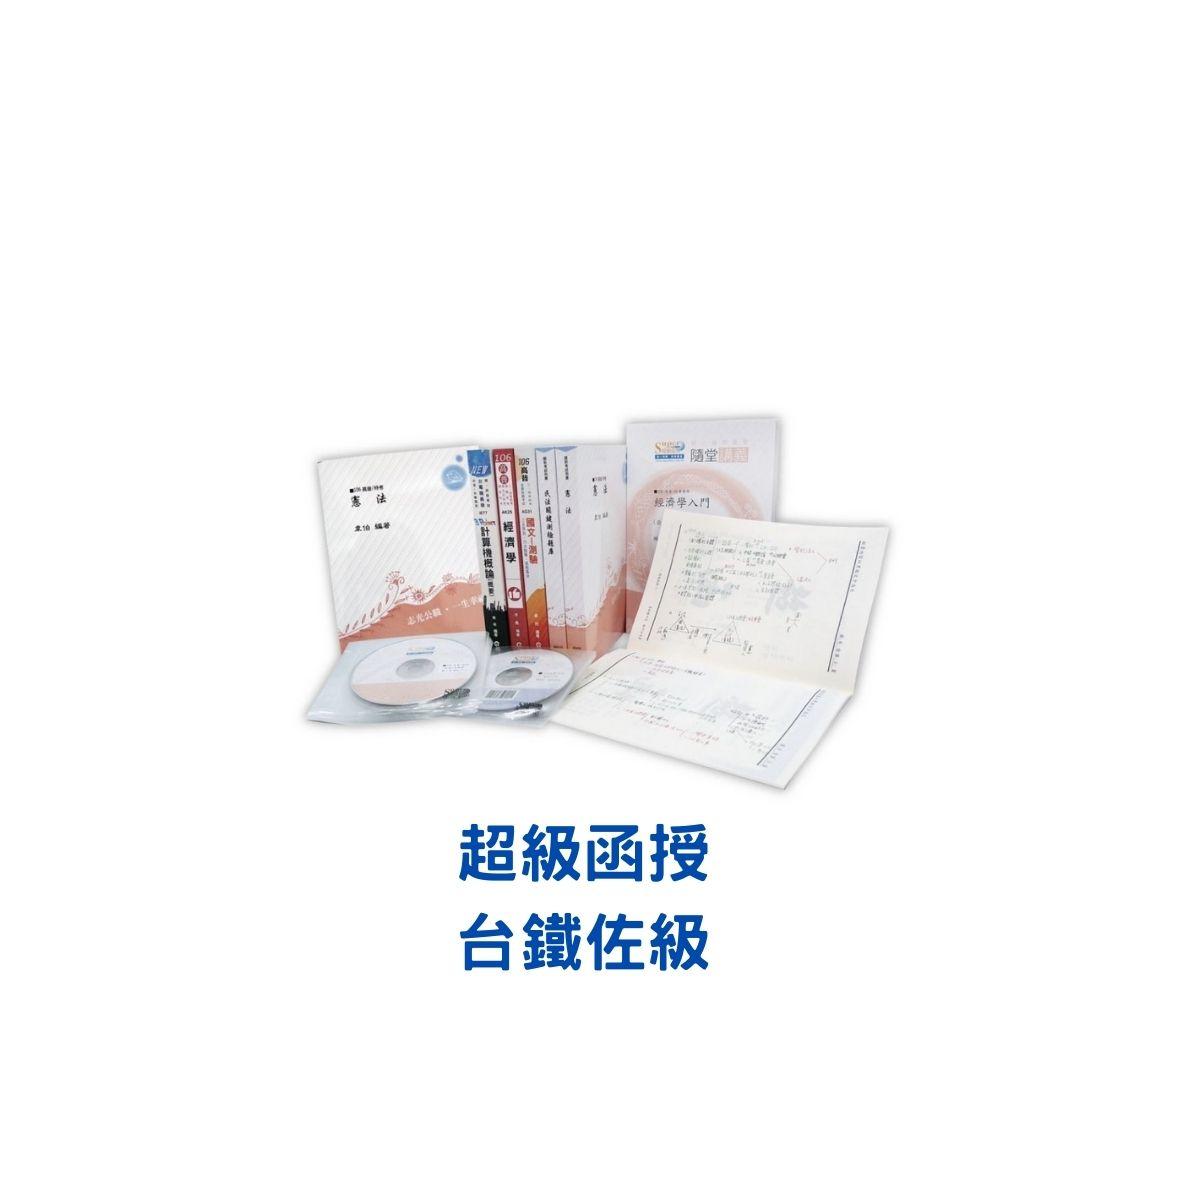 110/超級函授/鐵路-佐級/業務類-運輸營業/加強班/單科/雲端函授/鐵路運輸學大意/